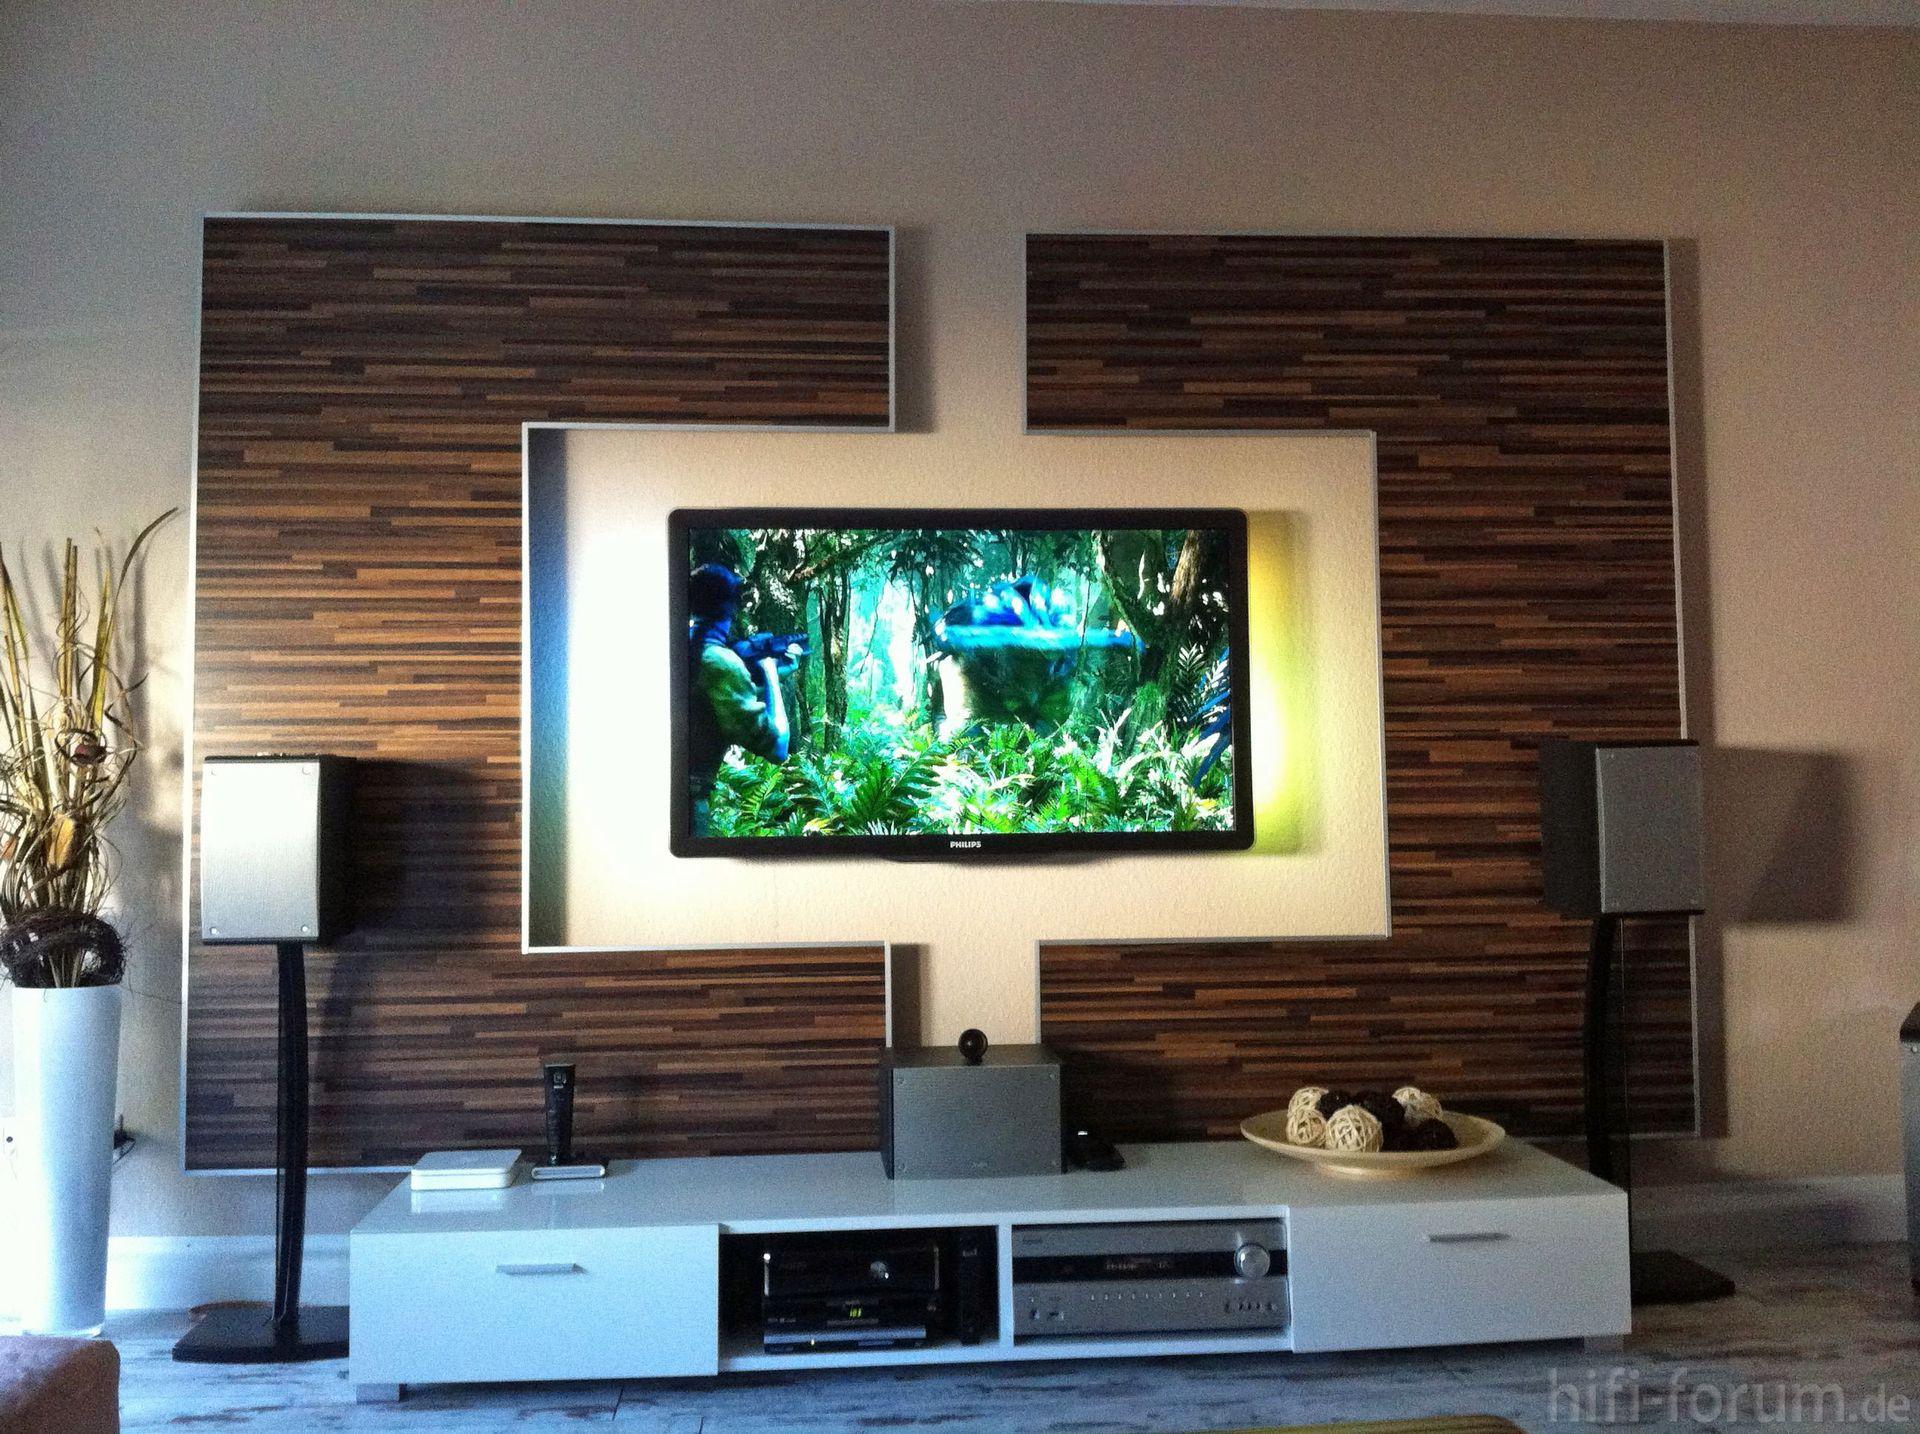 Tv tisch selber bauen  Die besten 25+ Selber bauen tv wand Ideen auf Pinterest ...